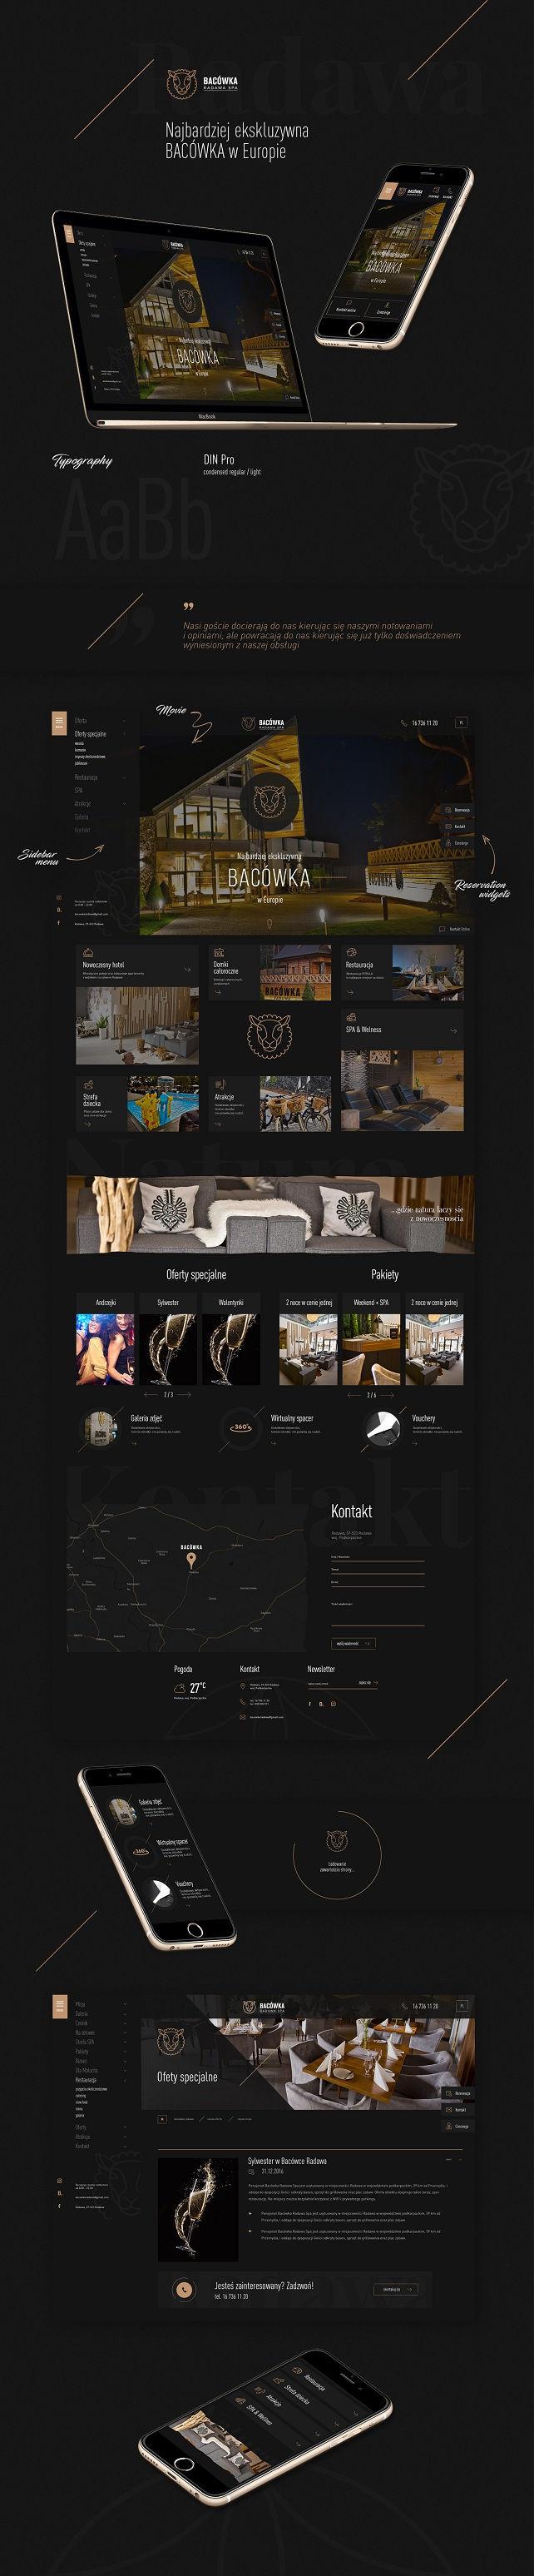 Strona www, projekt graficzny Bacówka Radawa & Spa